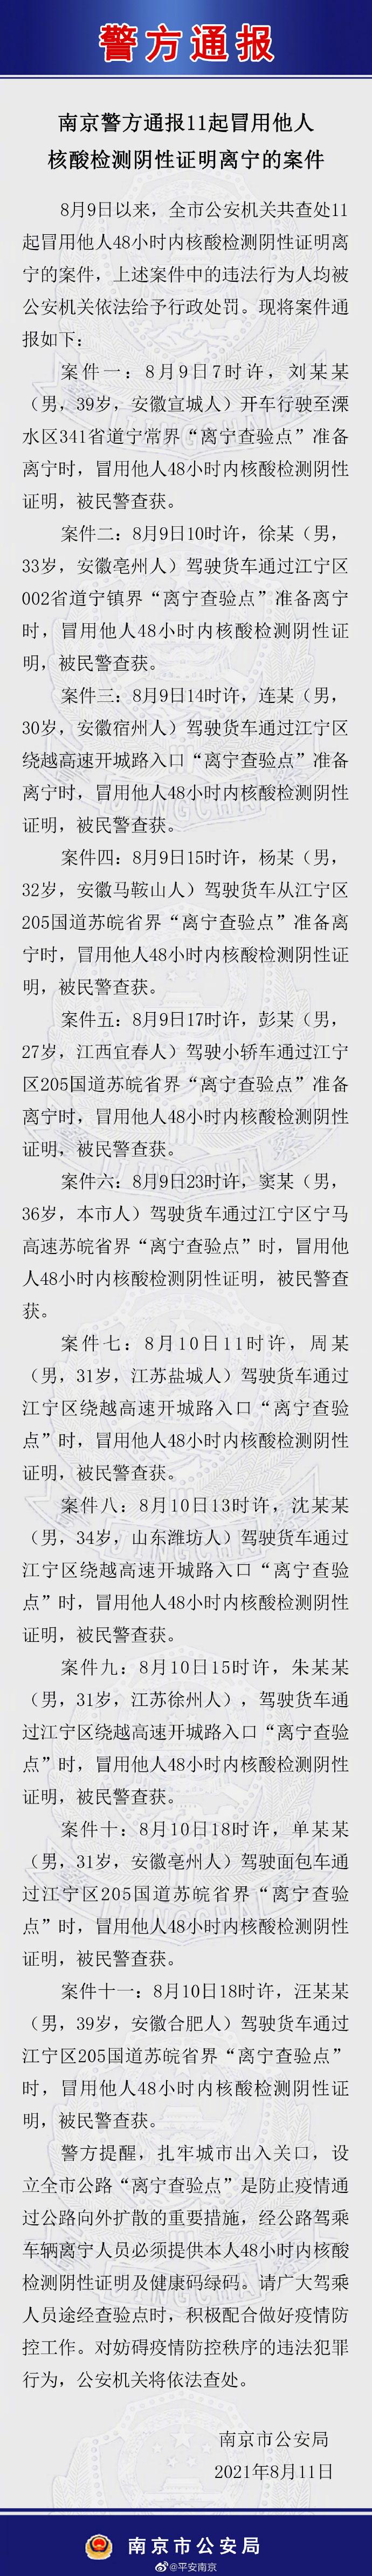 江苏南京警方通报11起冒用他人核酸检测阴性证明离宁的案件